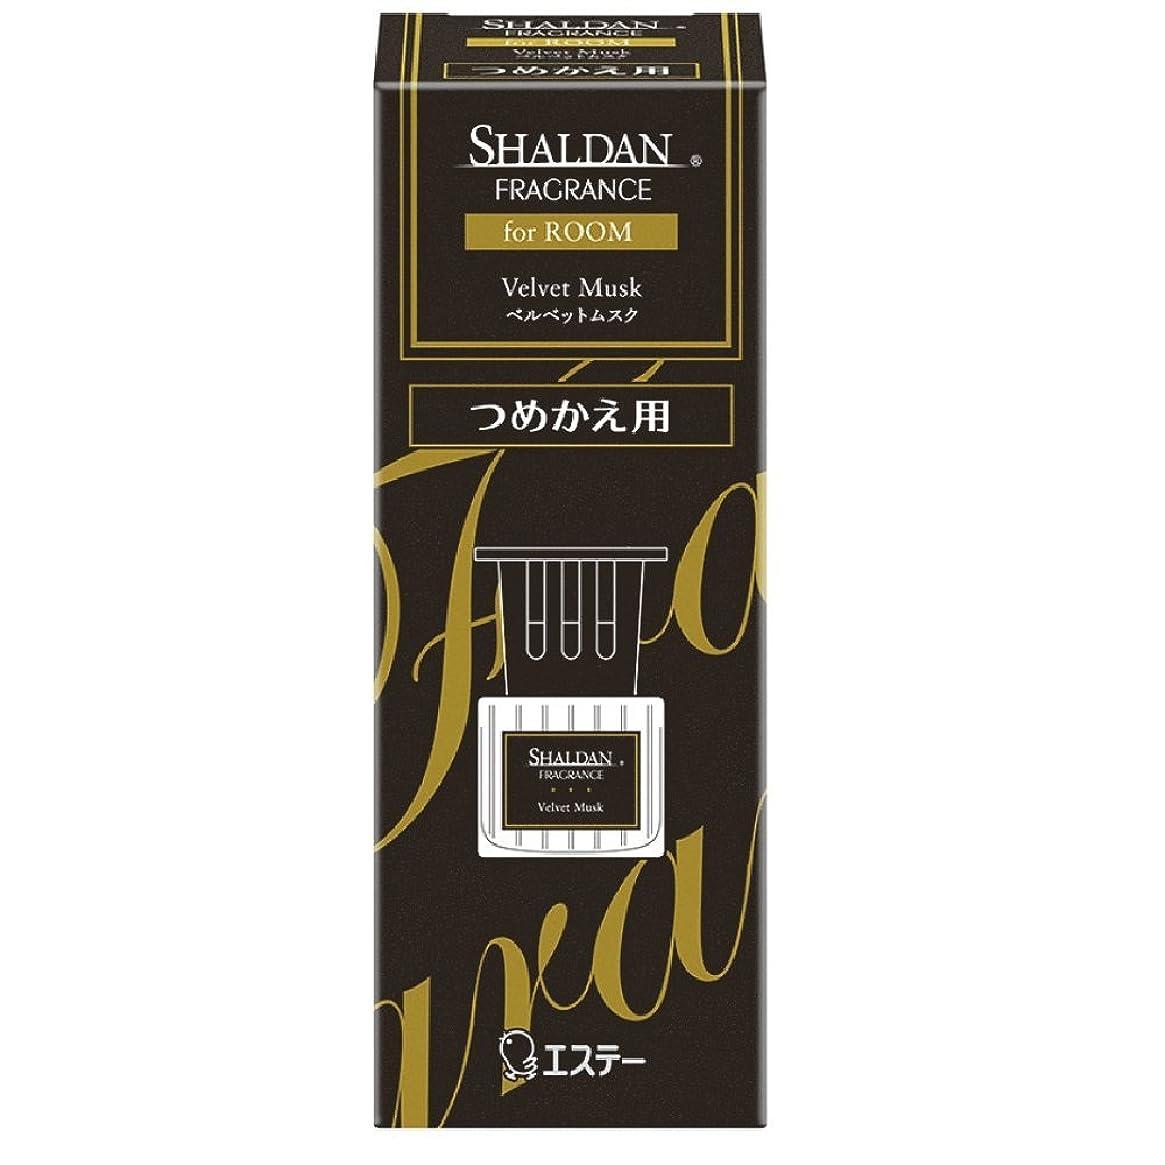 アパート平凡ママシャルダン SHALDAN フレグランス for ROOM 芳香剤 部屋用 部屋 つめかえ ベルベットムスク 65ml